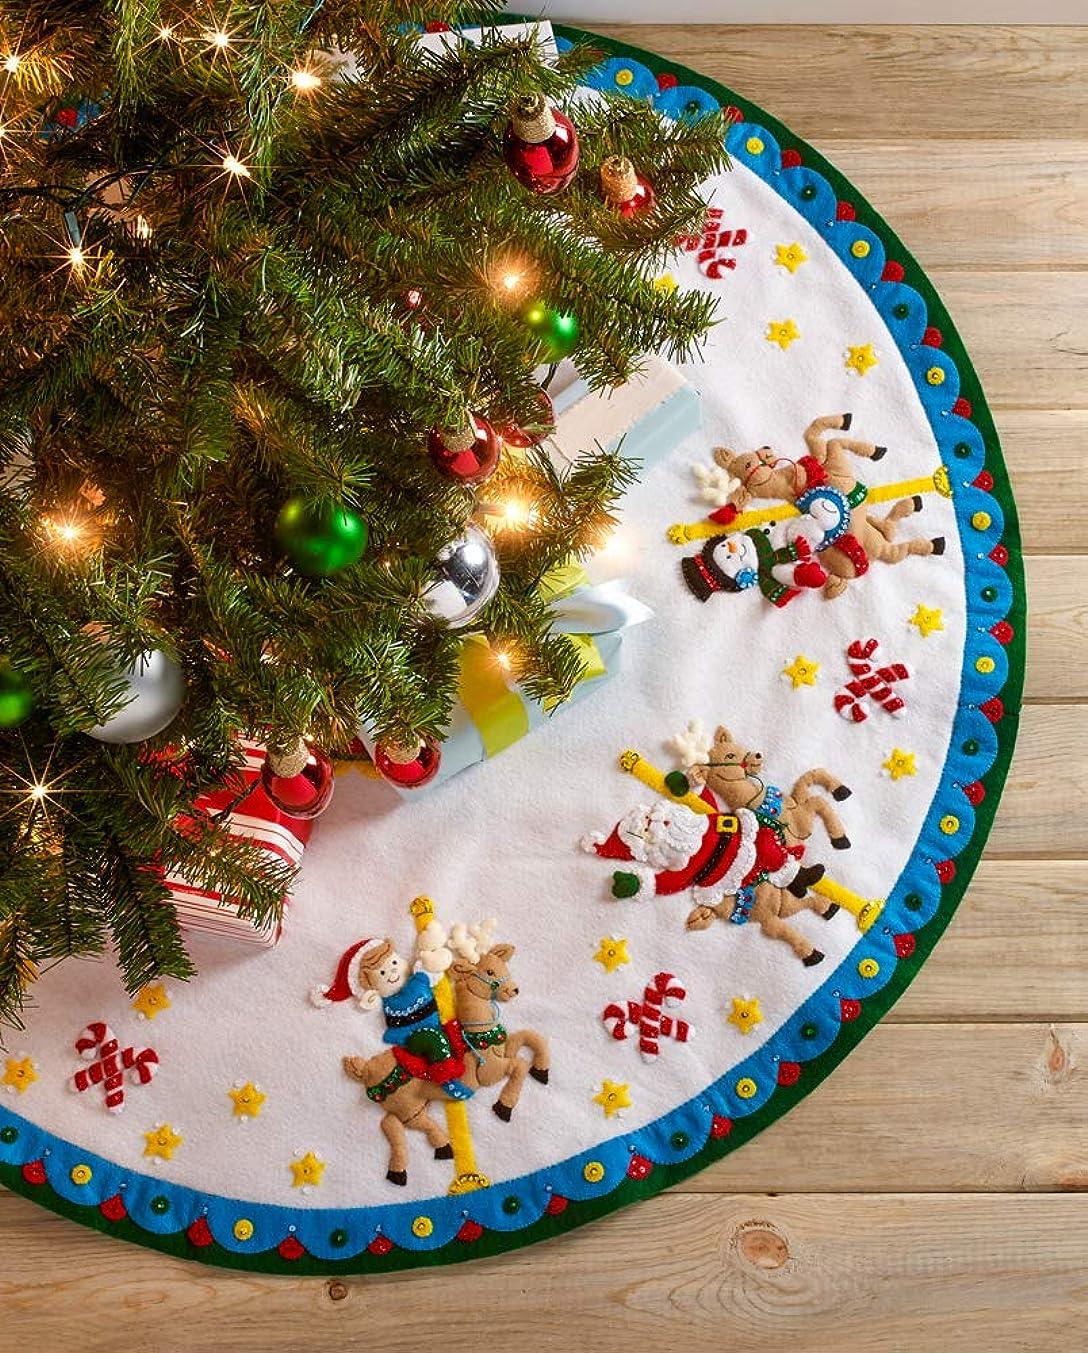 Bucilla 86951E Felt Applique Kit, Carousel Santa